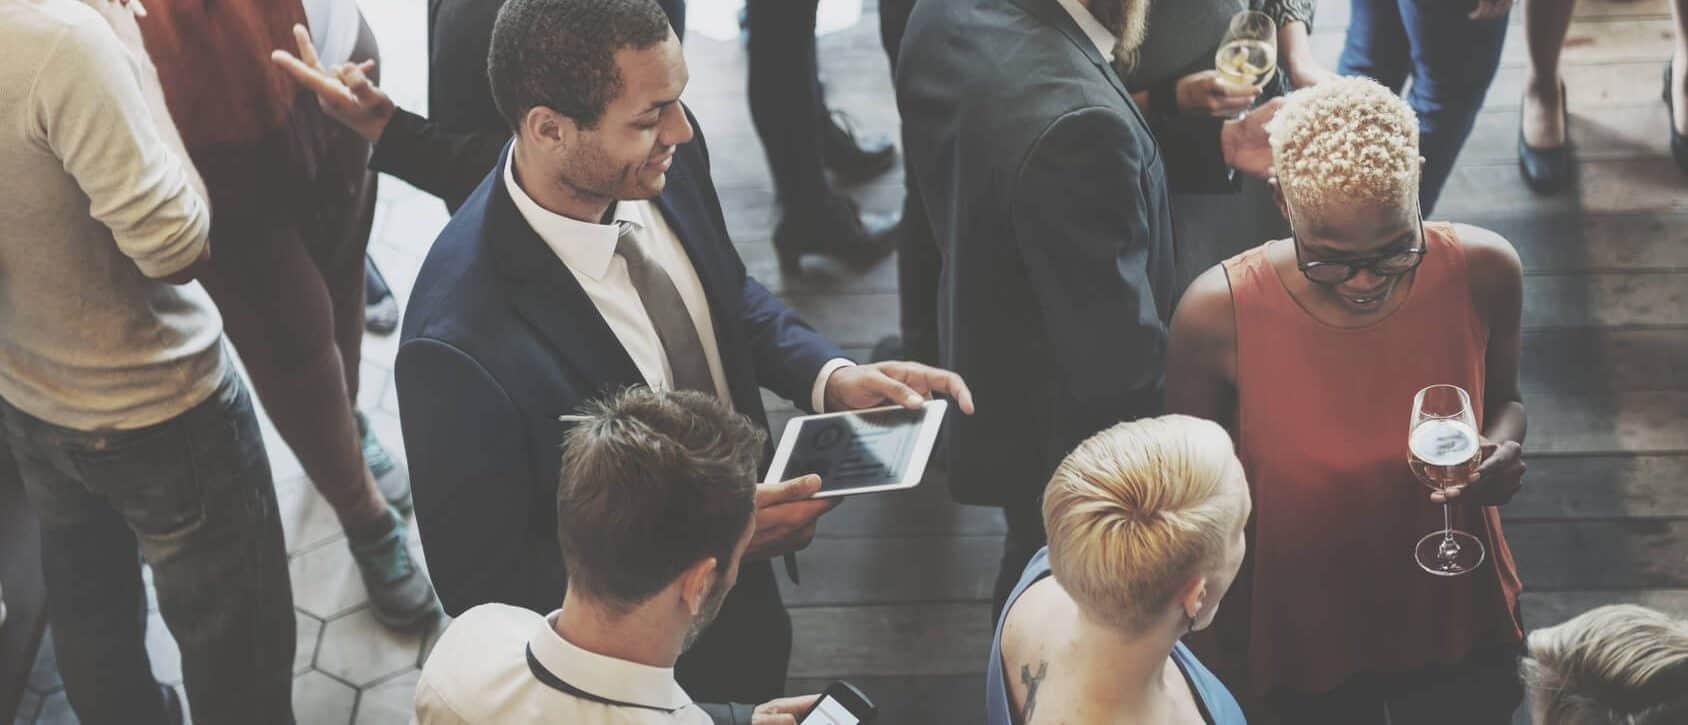 Marketing auf Messen: Interessenten befinden sich auf einer Fachmesse